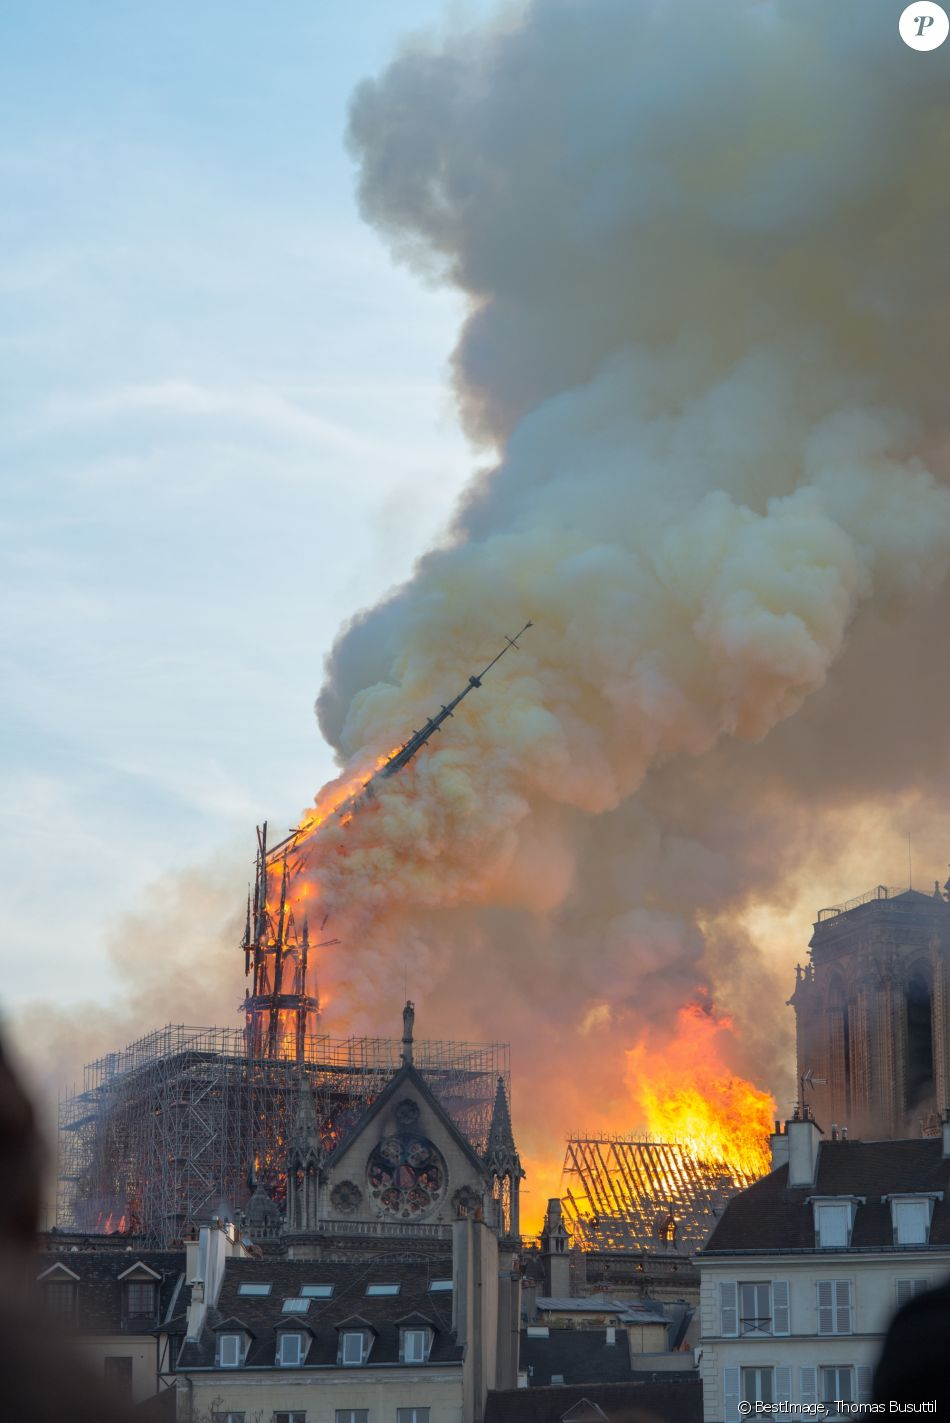 Incendie de la cathédrale Notre-Dame de Paris, le 15 avril 2019. © Thomas Busuttil / Bestimage